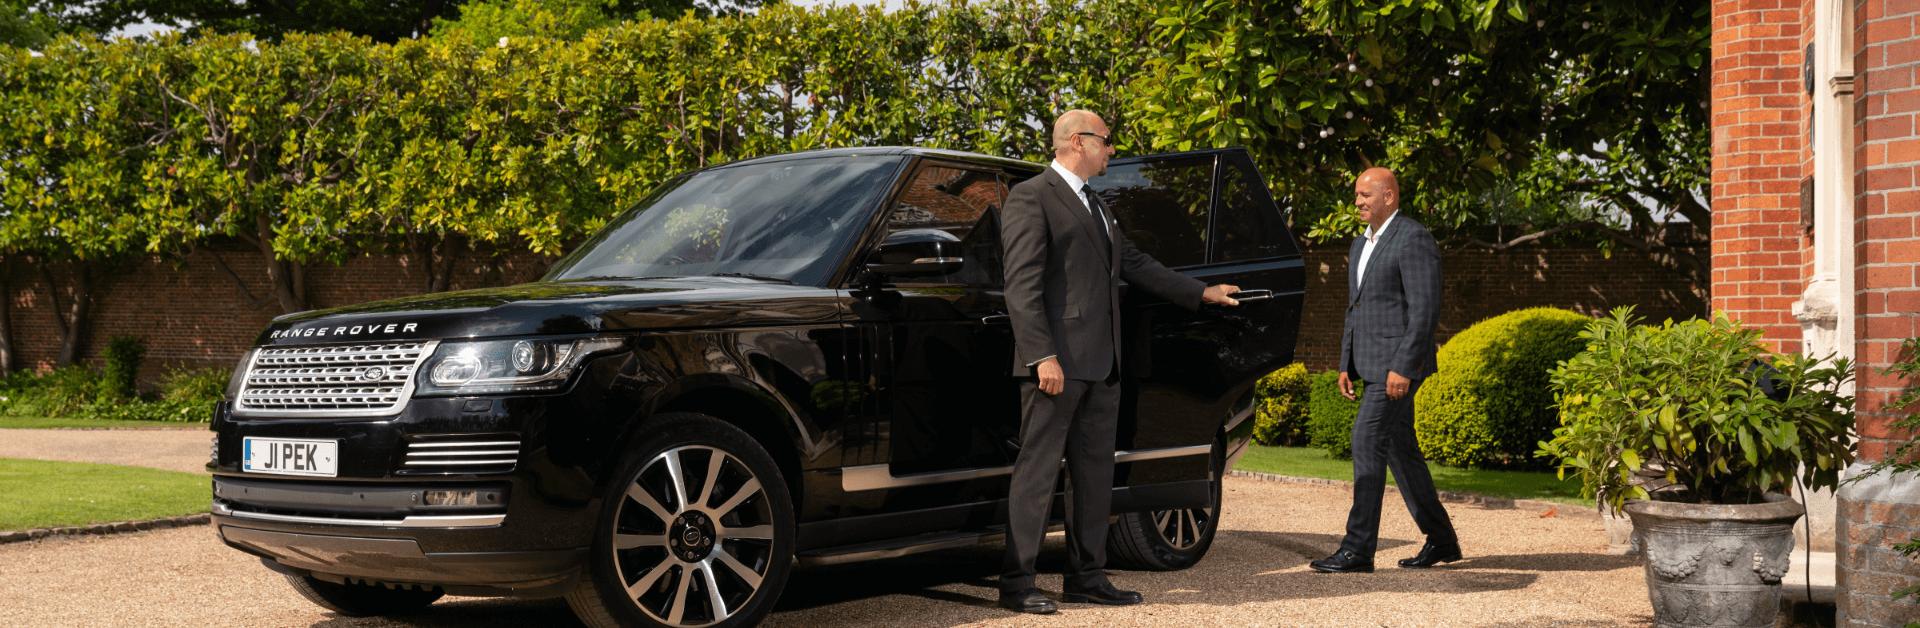 Range Rover SWB Chauffeur